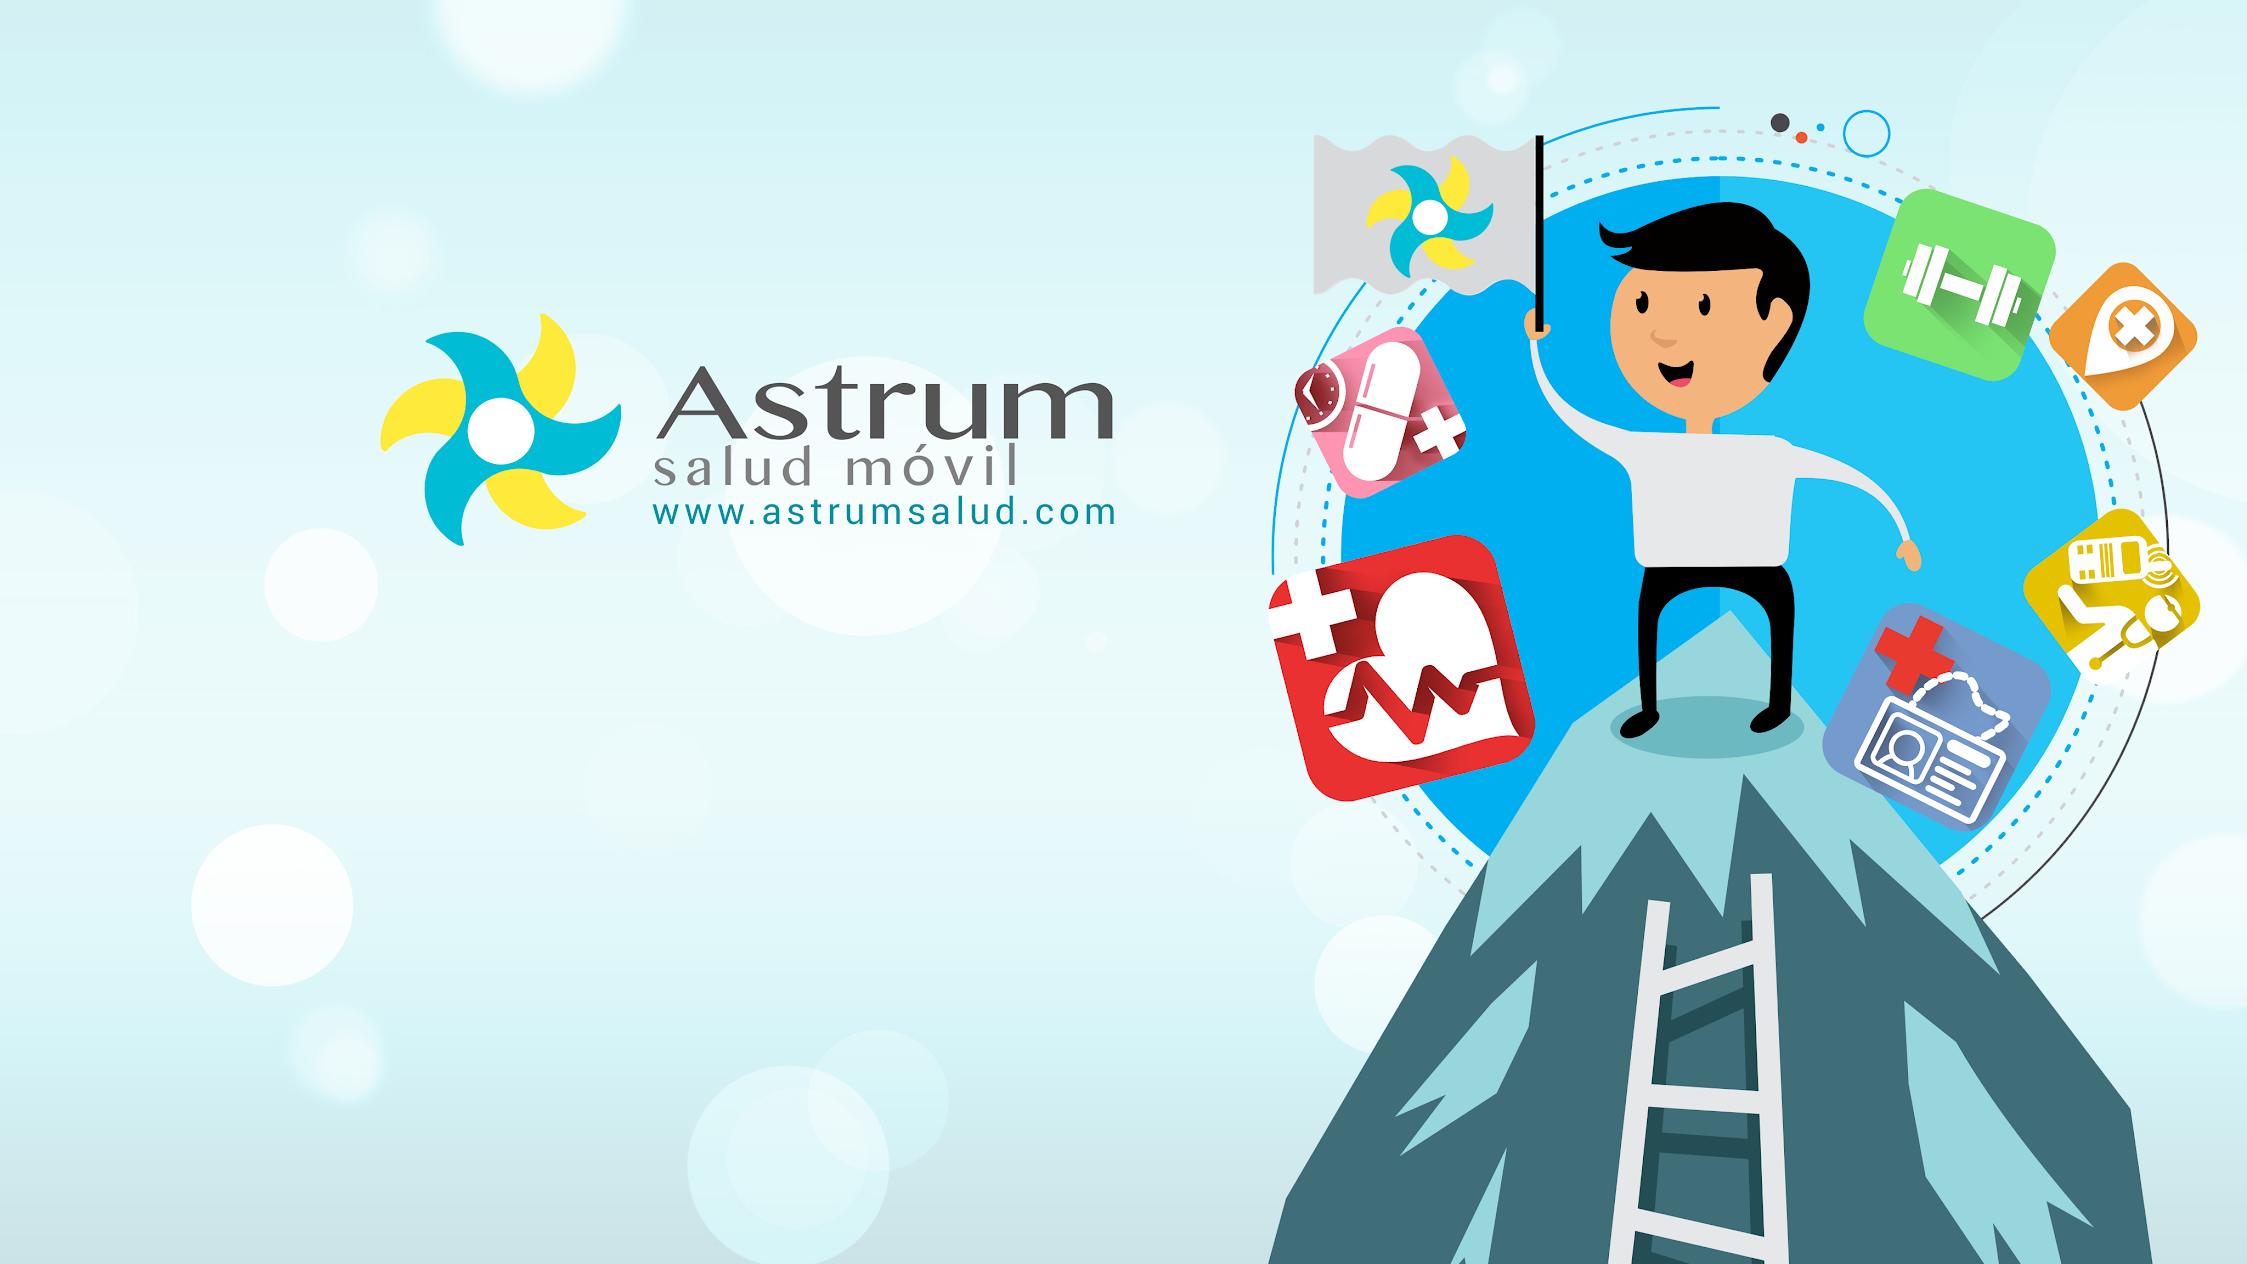 Astrum Salud Móvil - Medicina y Educación